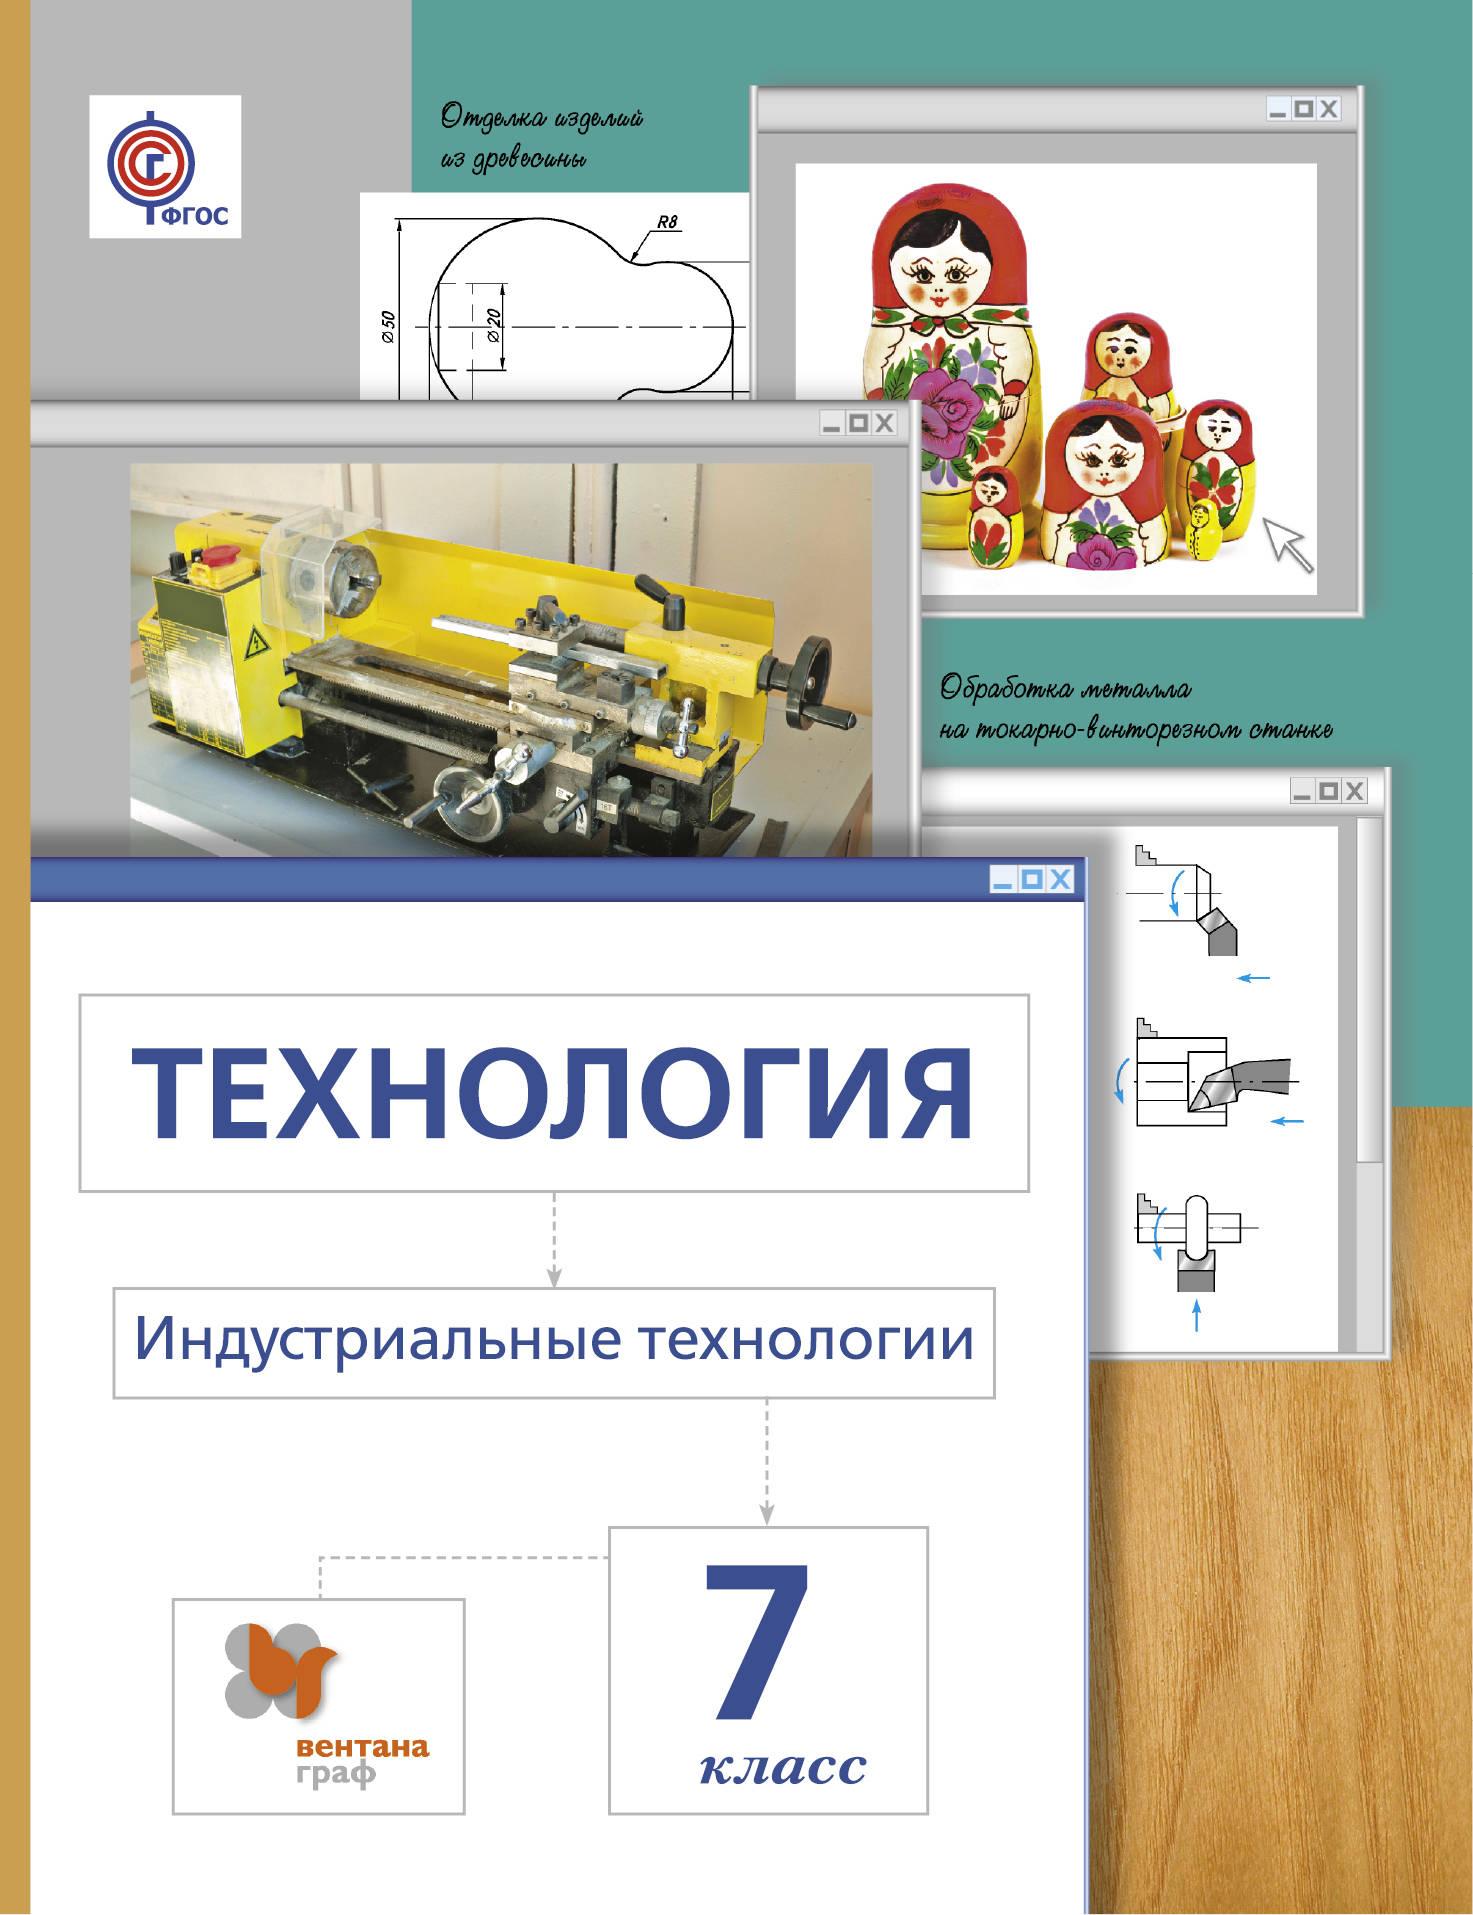 И. А. Сасова, М. И. Гуревич, М. Б. Павлова Технология. Индустриальные технологии. 7класс. Учебник